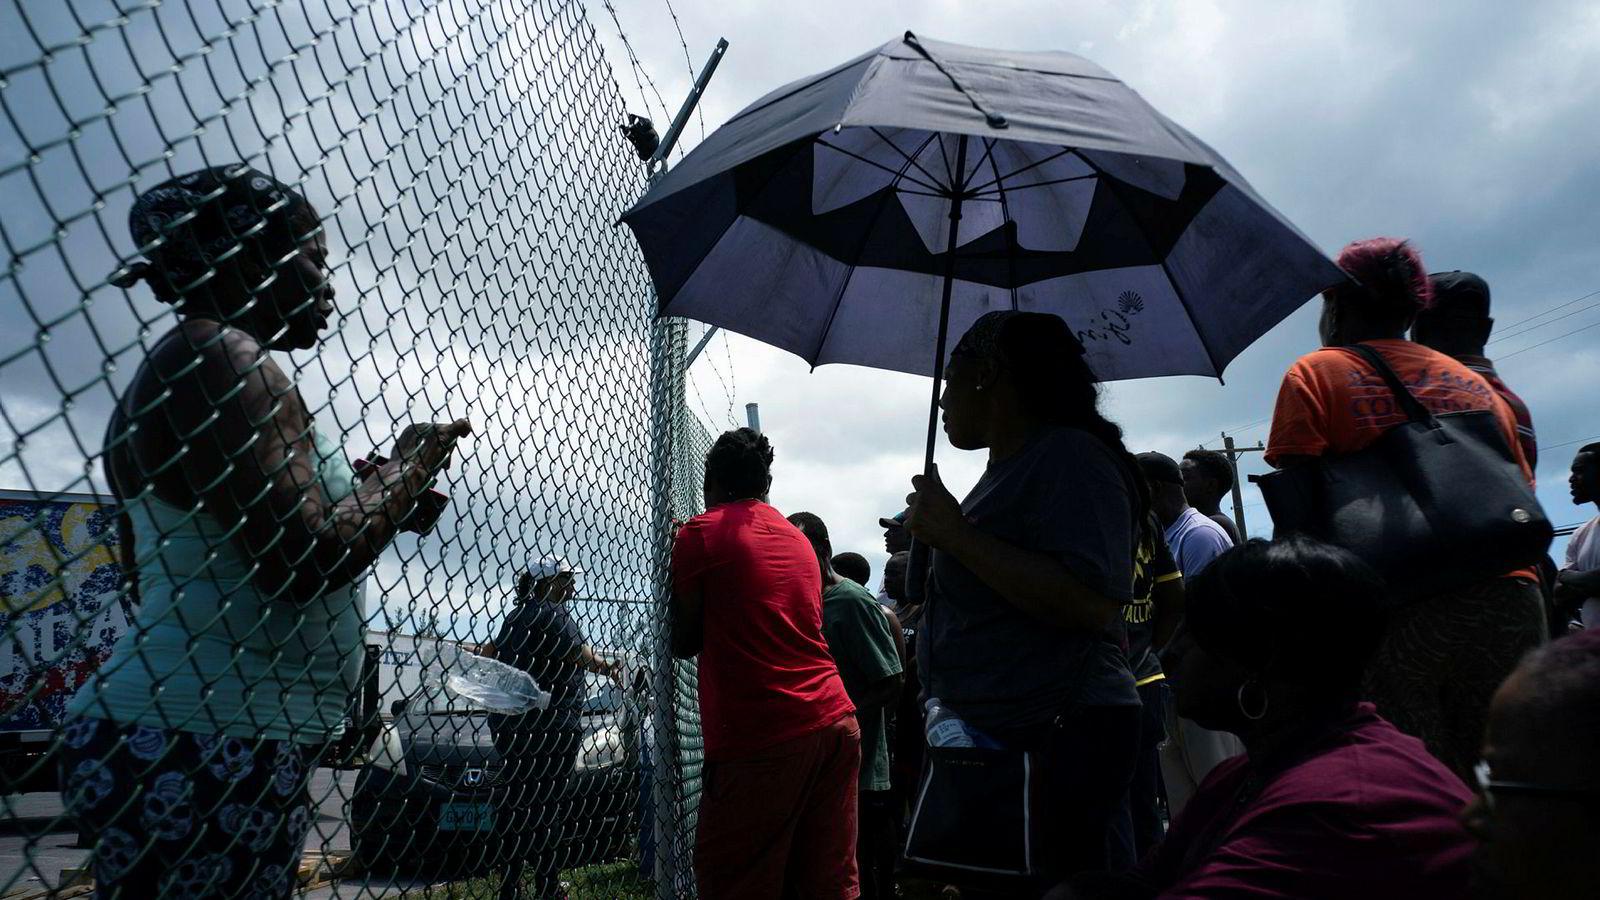 Folk har samlet seg i havnen i Freeport for å hente hjelp som familie og venner har sendt dem, etter at de ble rammet av orkanen Dorian.